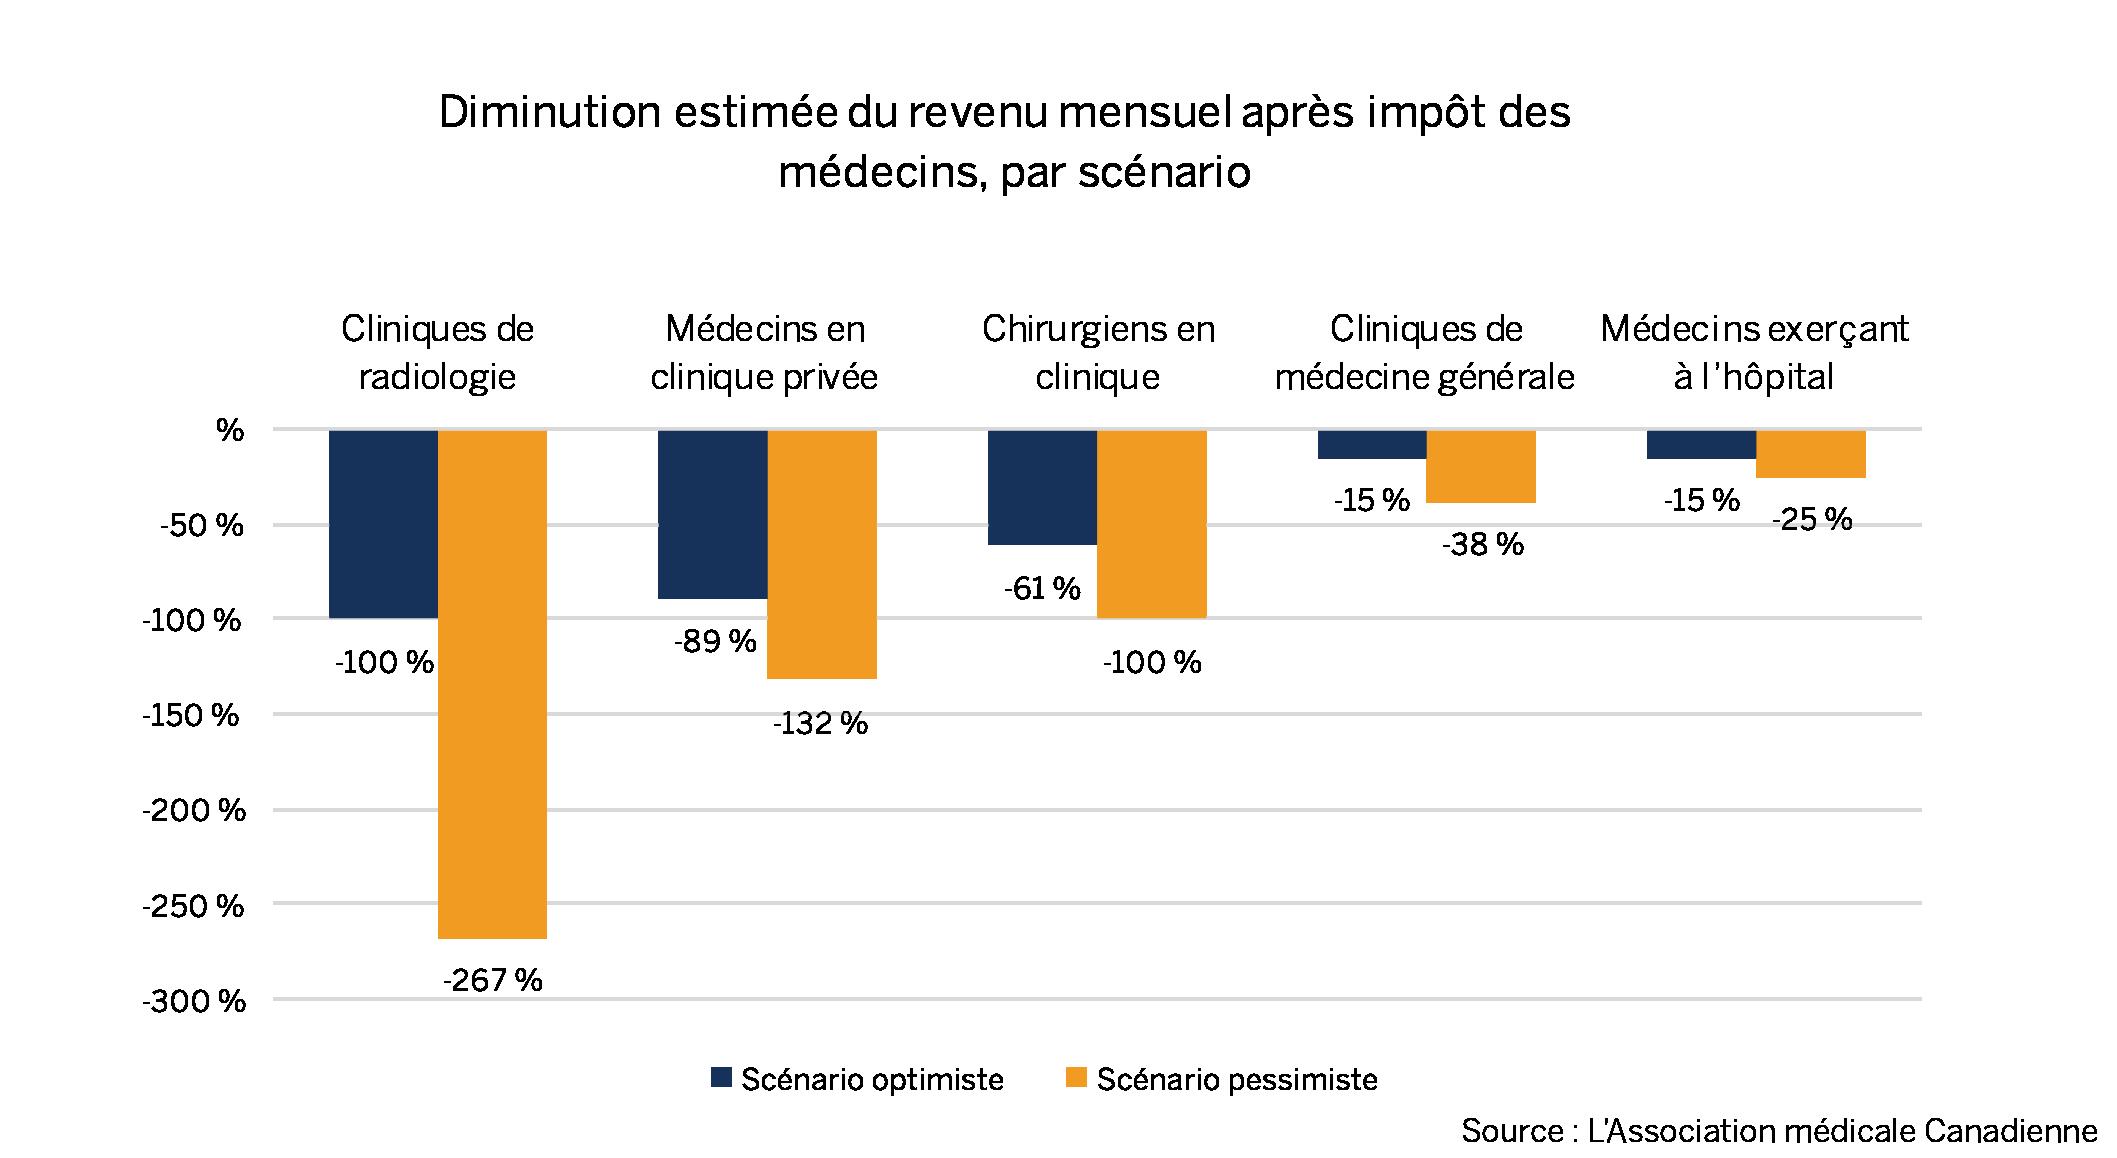 Diminution estimée du revenu mensuel après impôt des médecins, par scénario